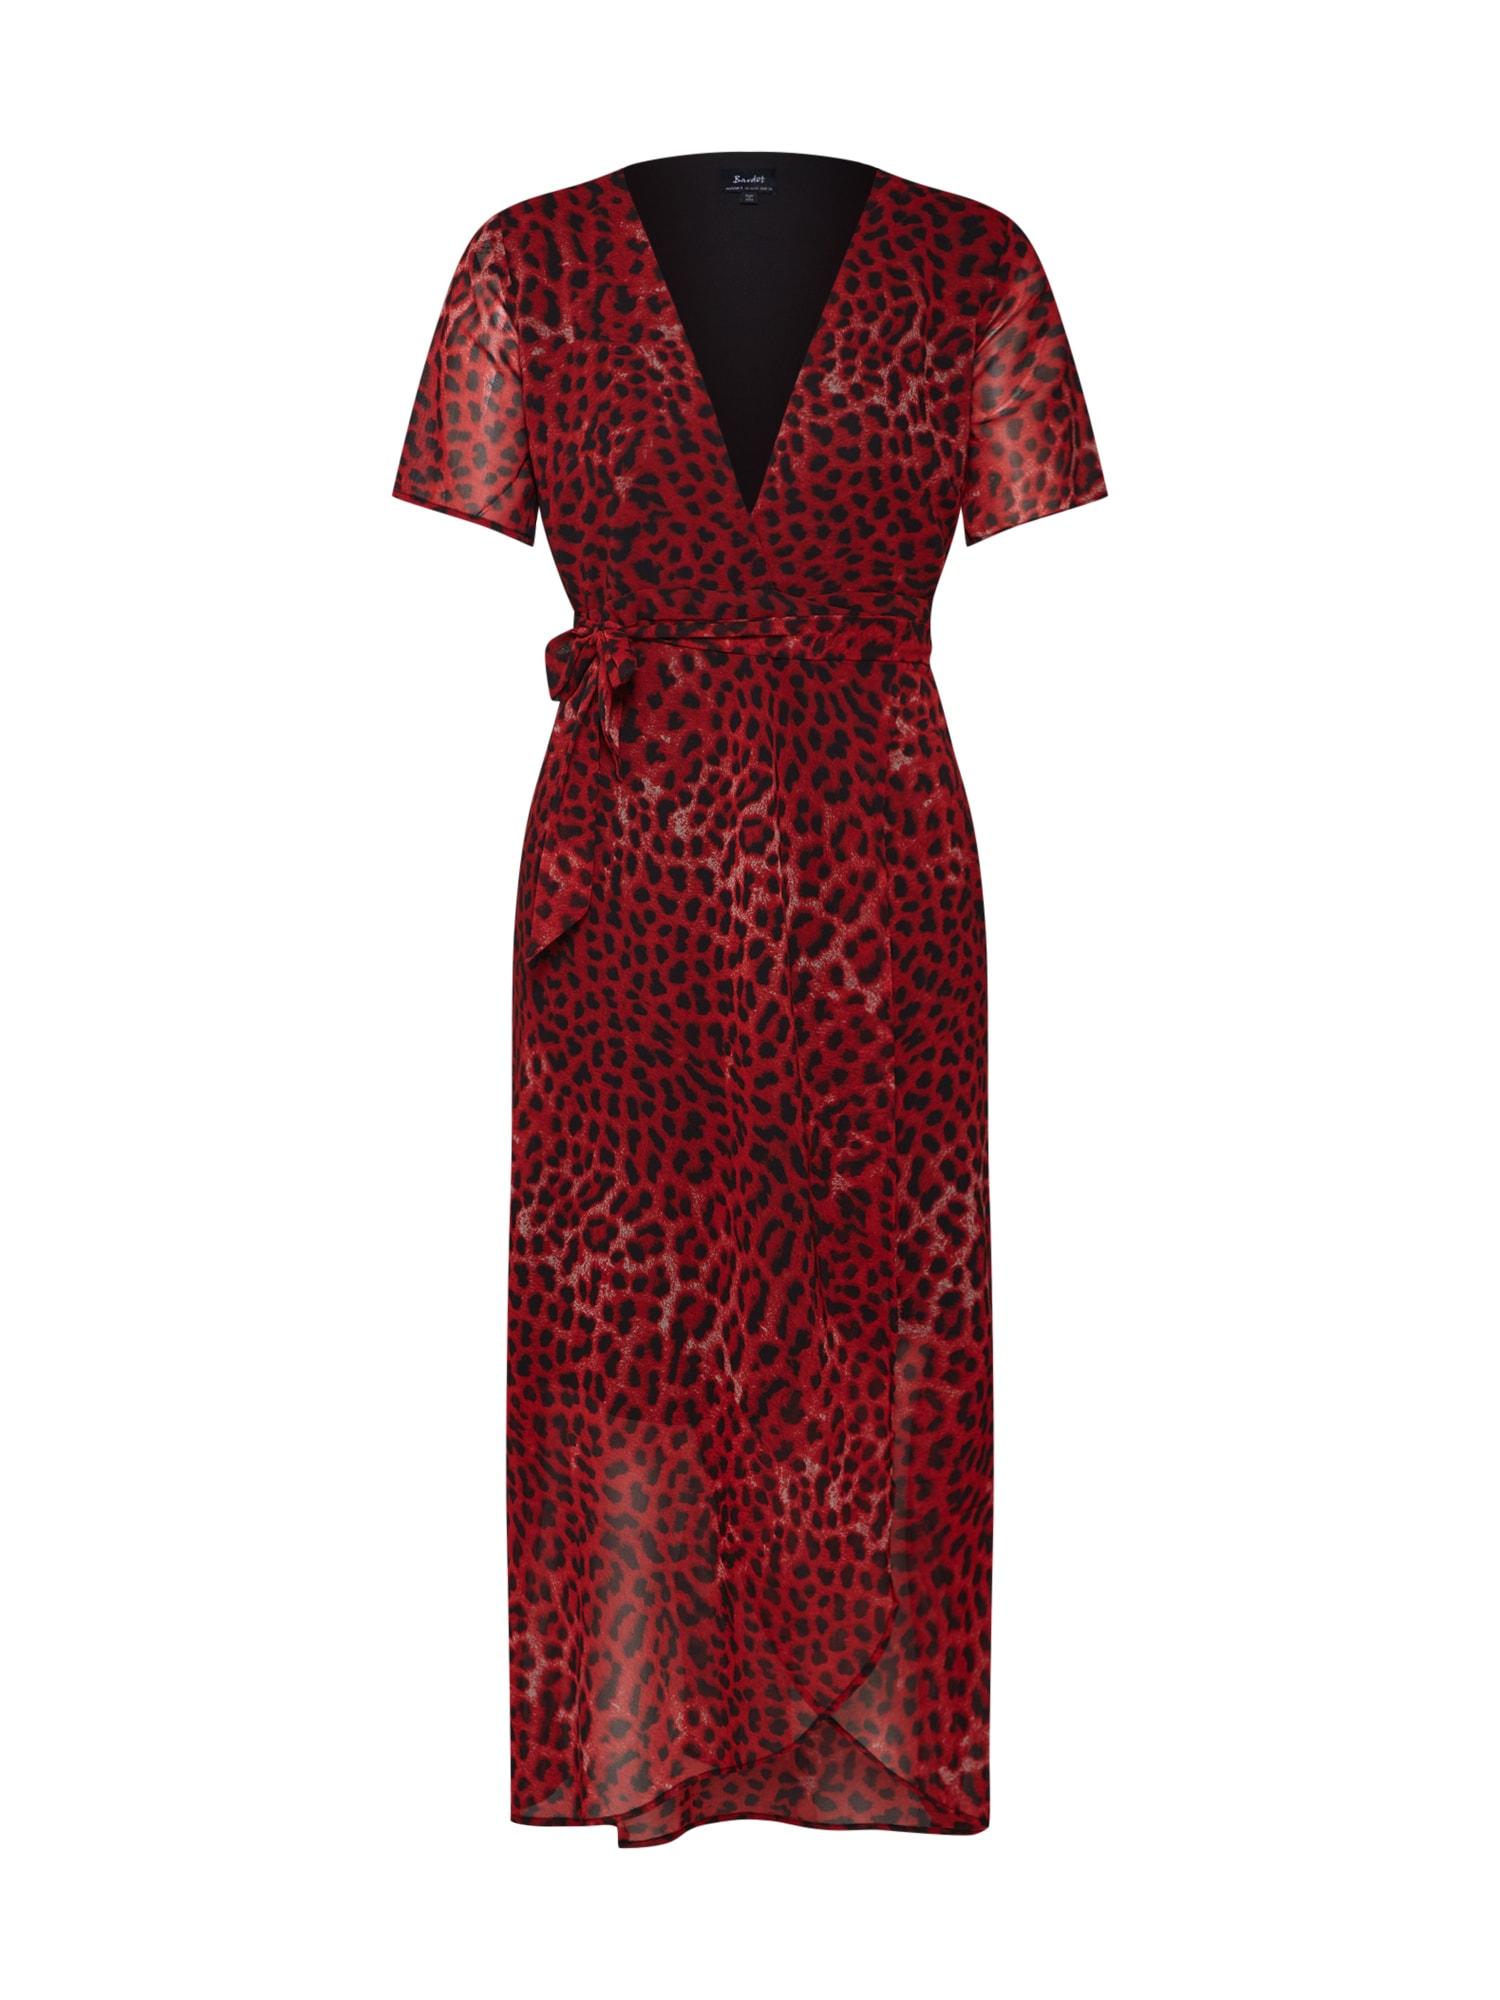 Letní šaty LEOPARD WRAP DRESS červená Bardot